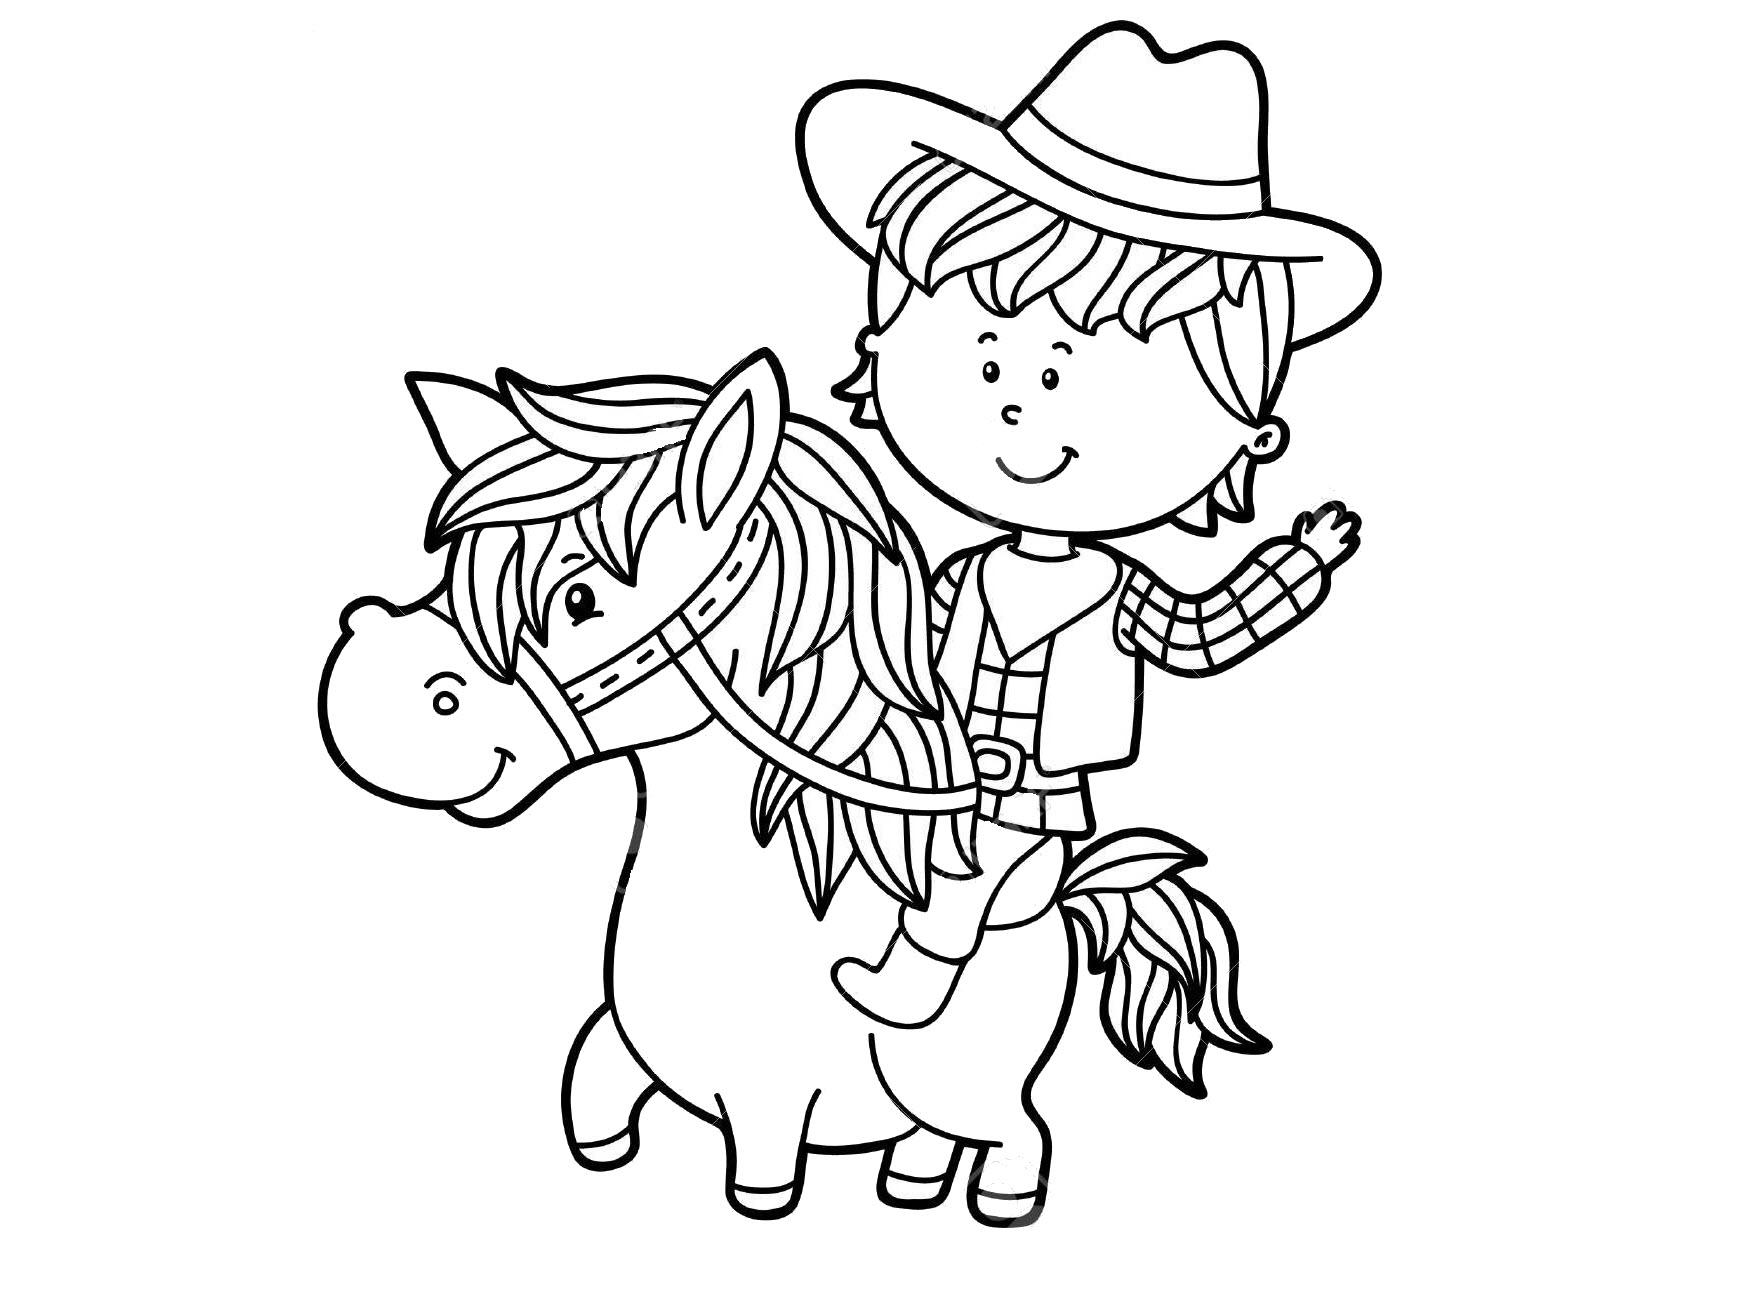 Tranh tô màu con ngựa đẹp và dễ thương